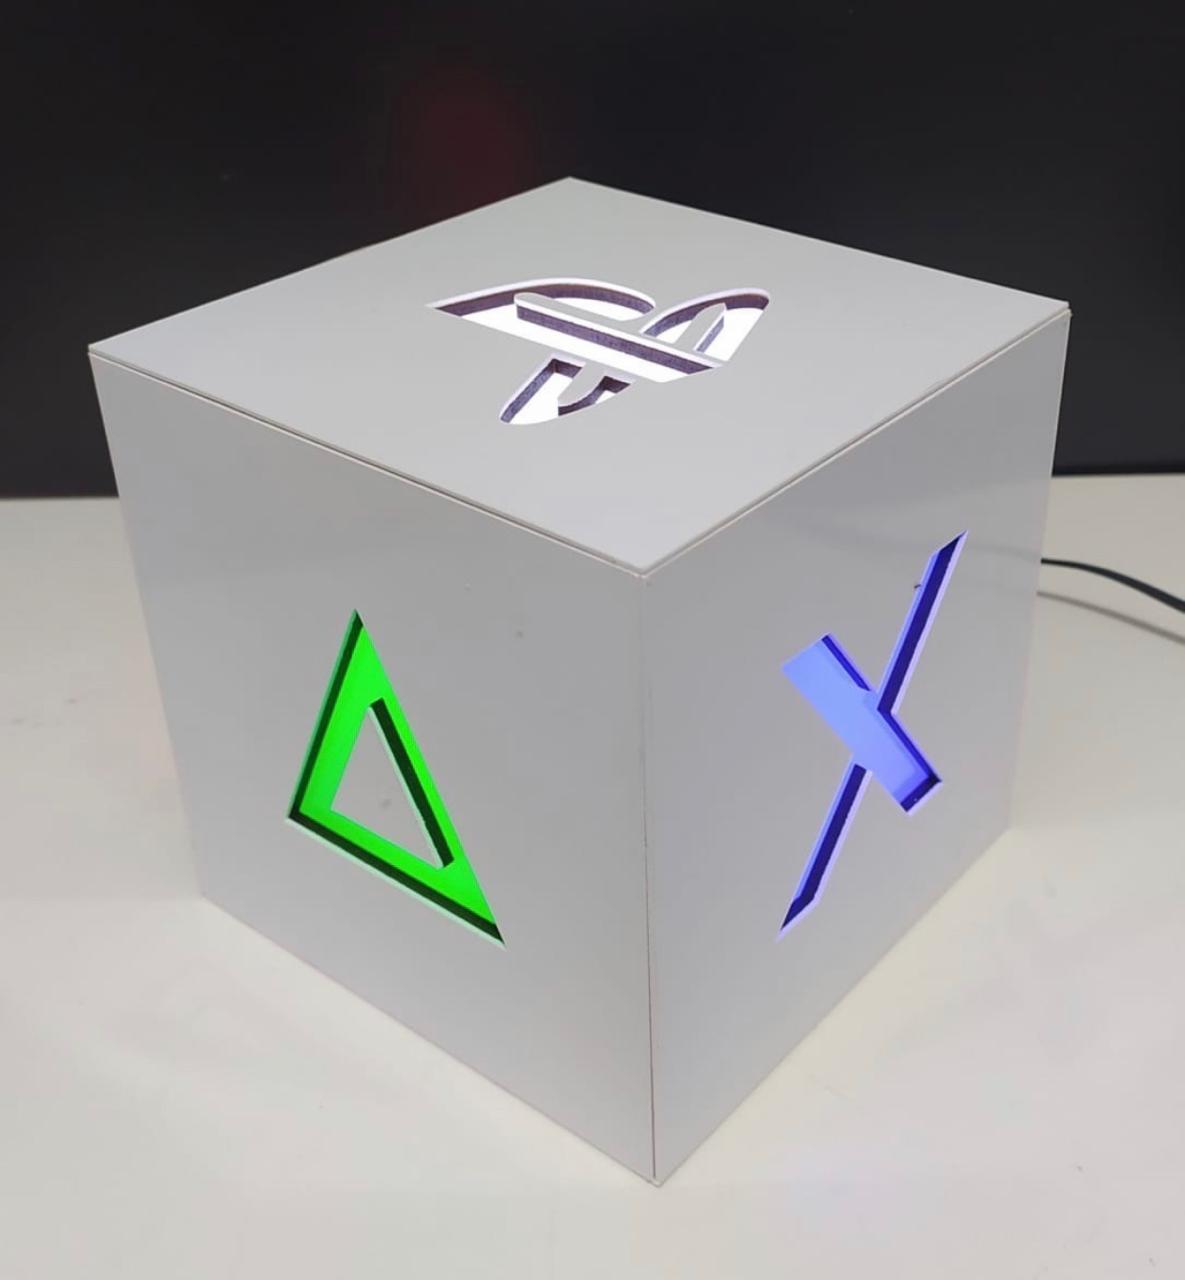 Luminária/Abajur Cubo Caixa Playstation 5 PS5 Branco: Games (De Mesa)